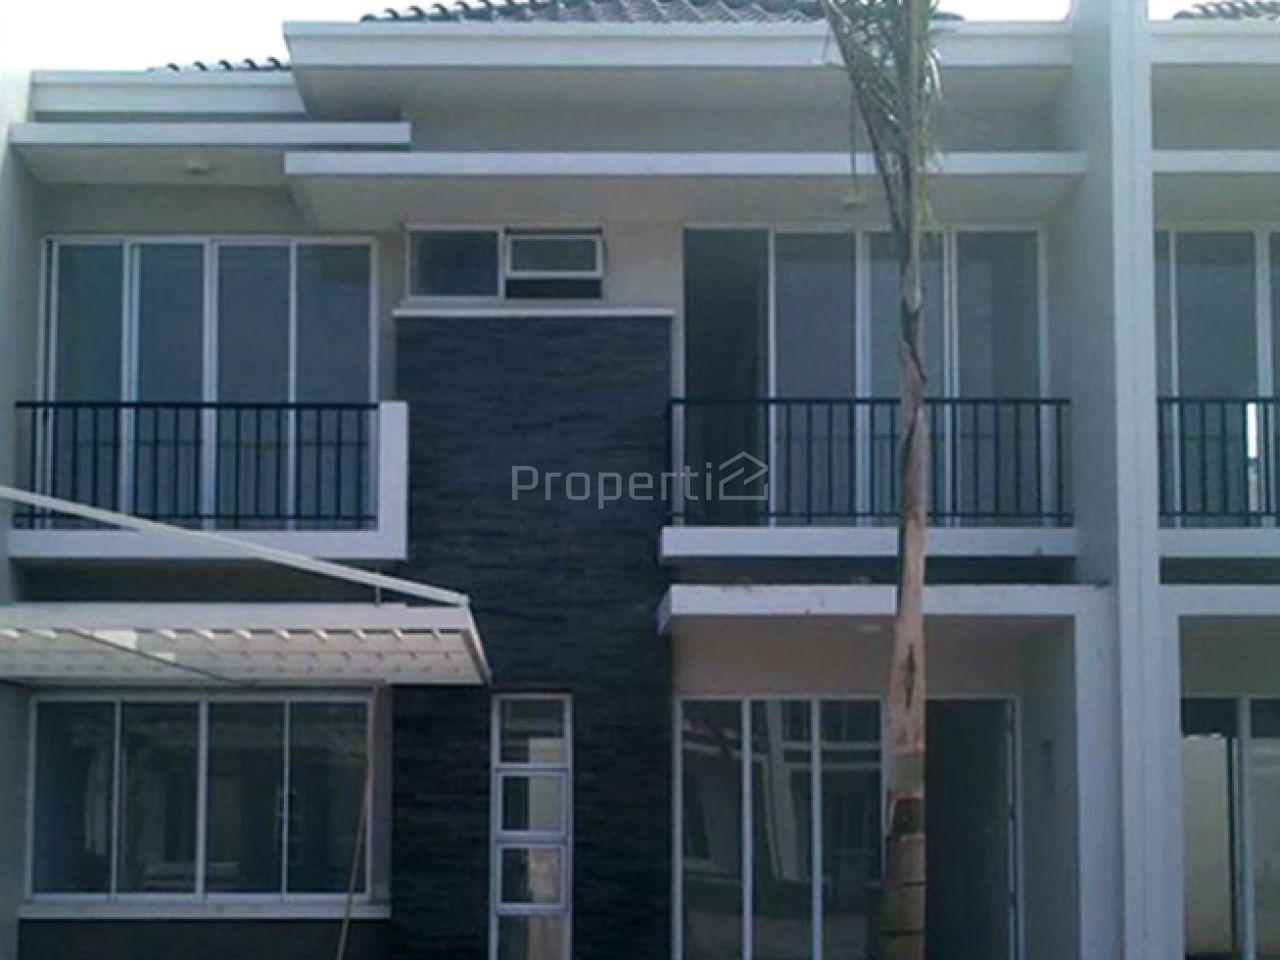 Rumah Baru Minimalis 2 Lantai dalam Kompleks Elite di Cibubur, Jawa Barat